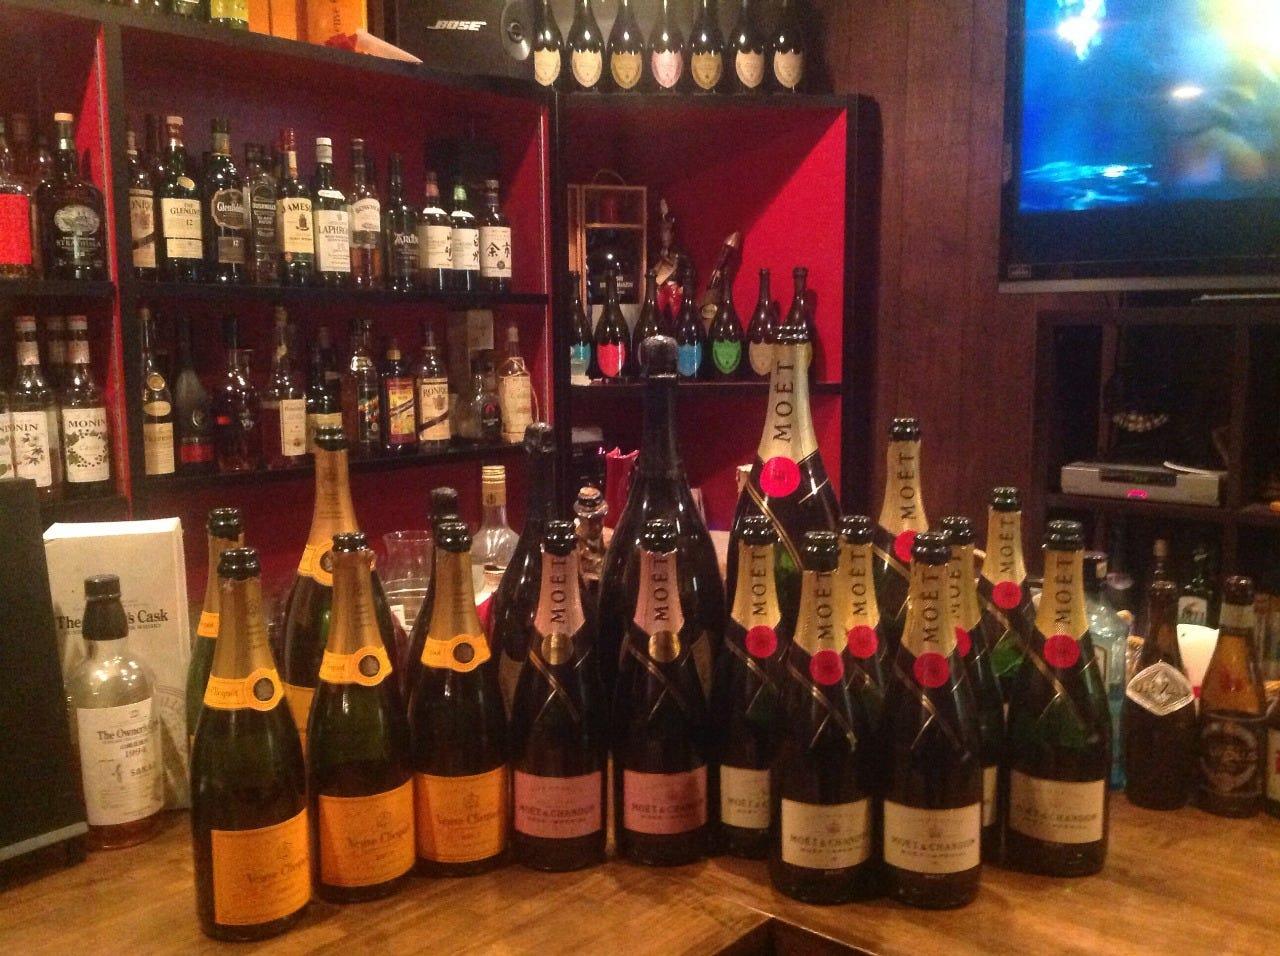 シャンパン 種類豊富です